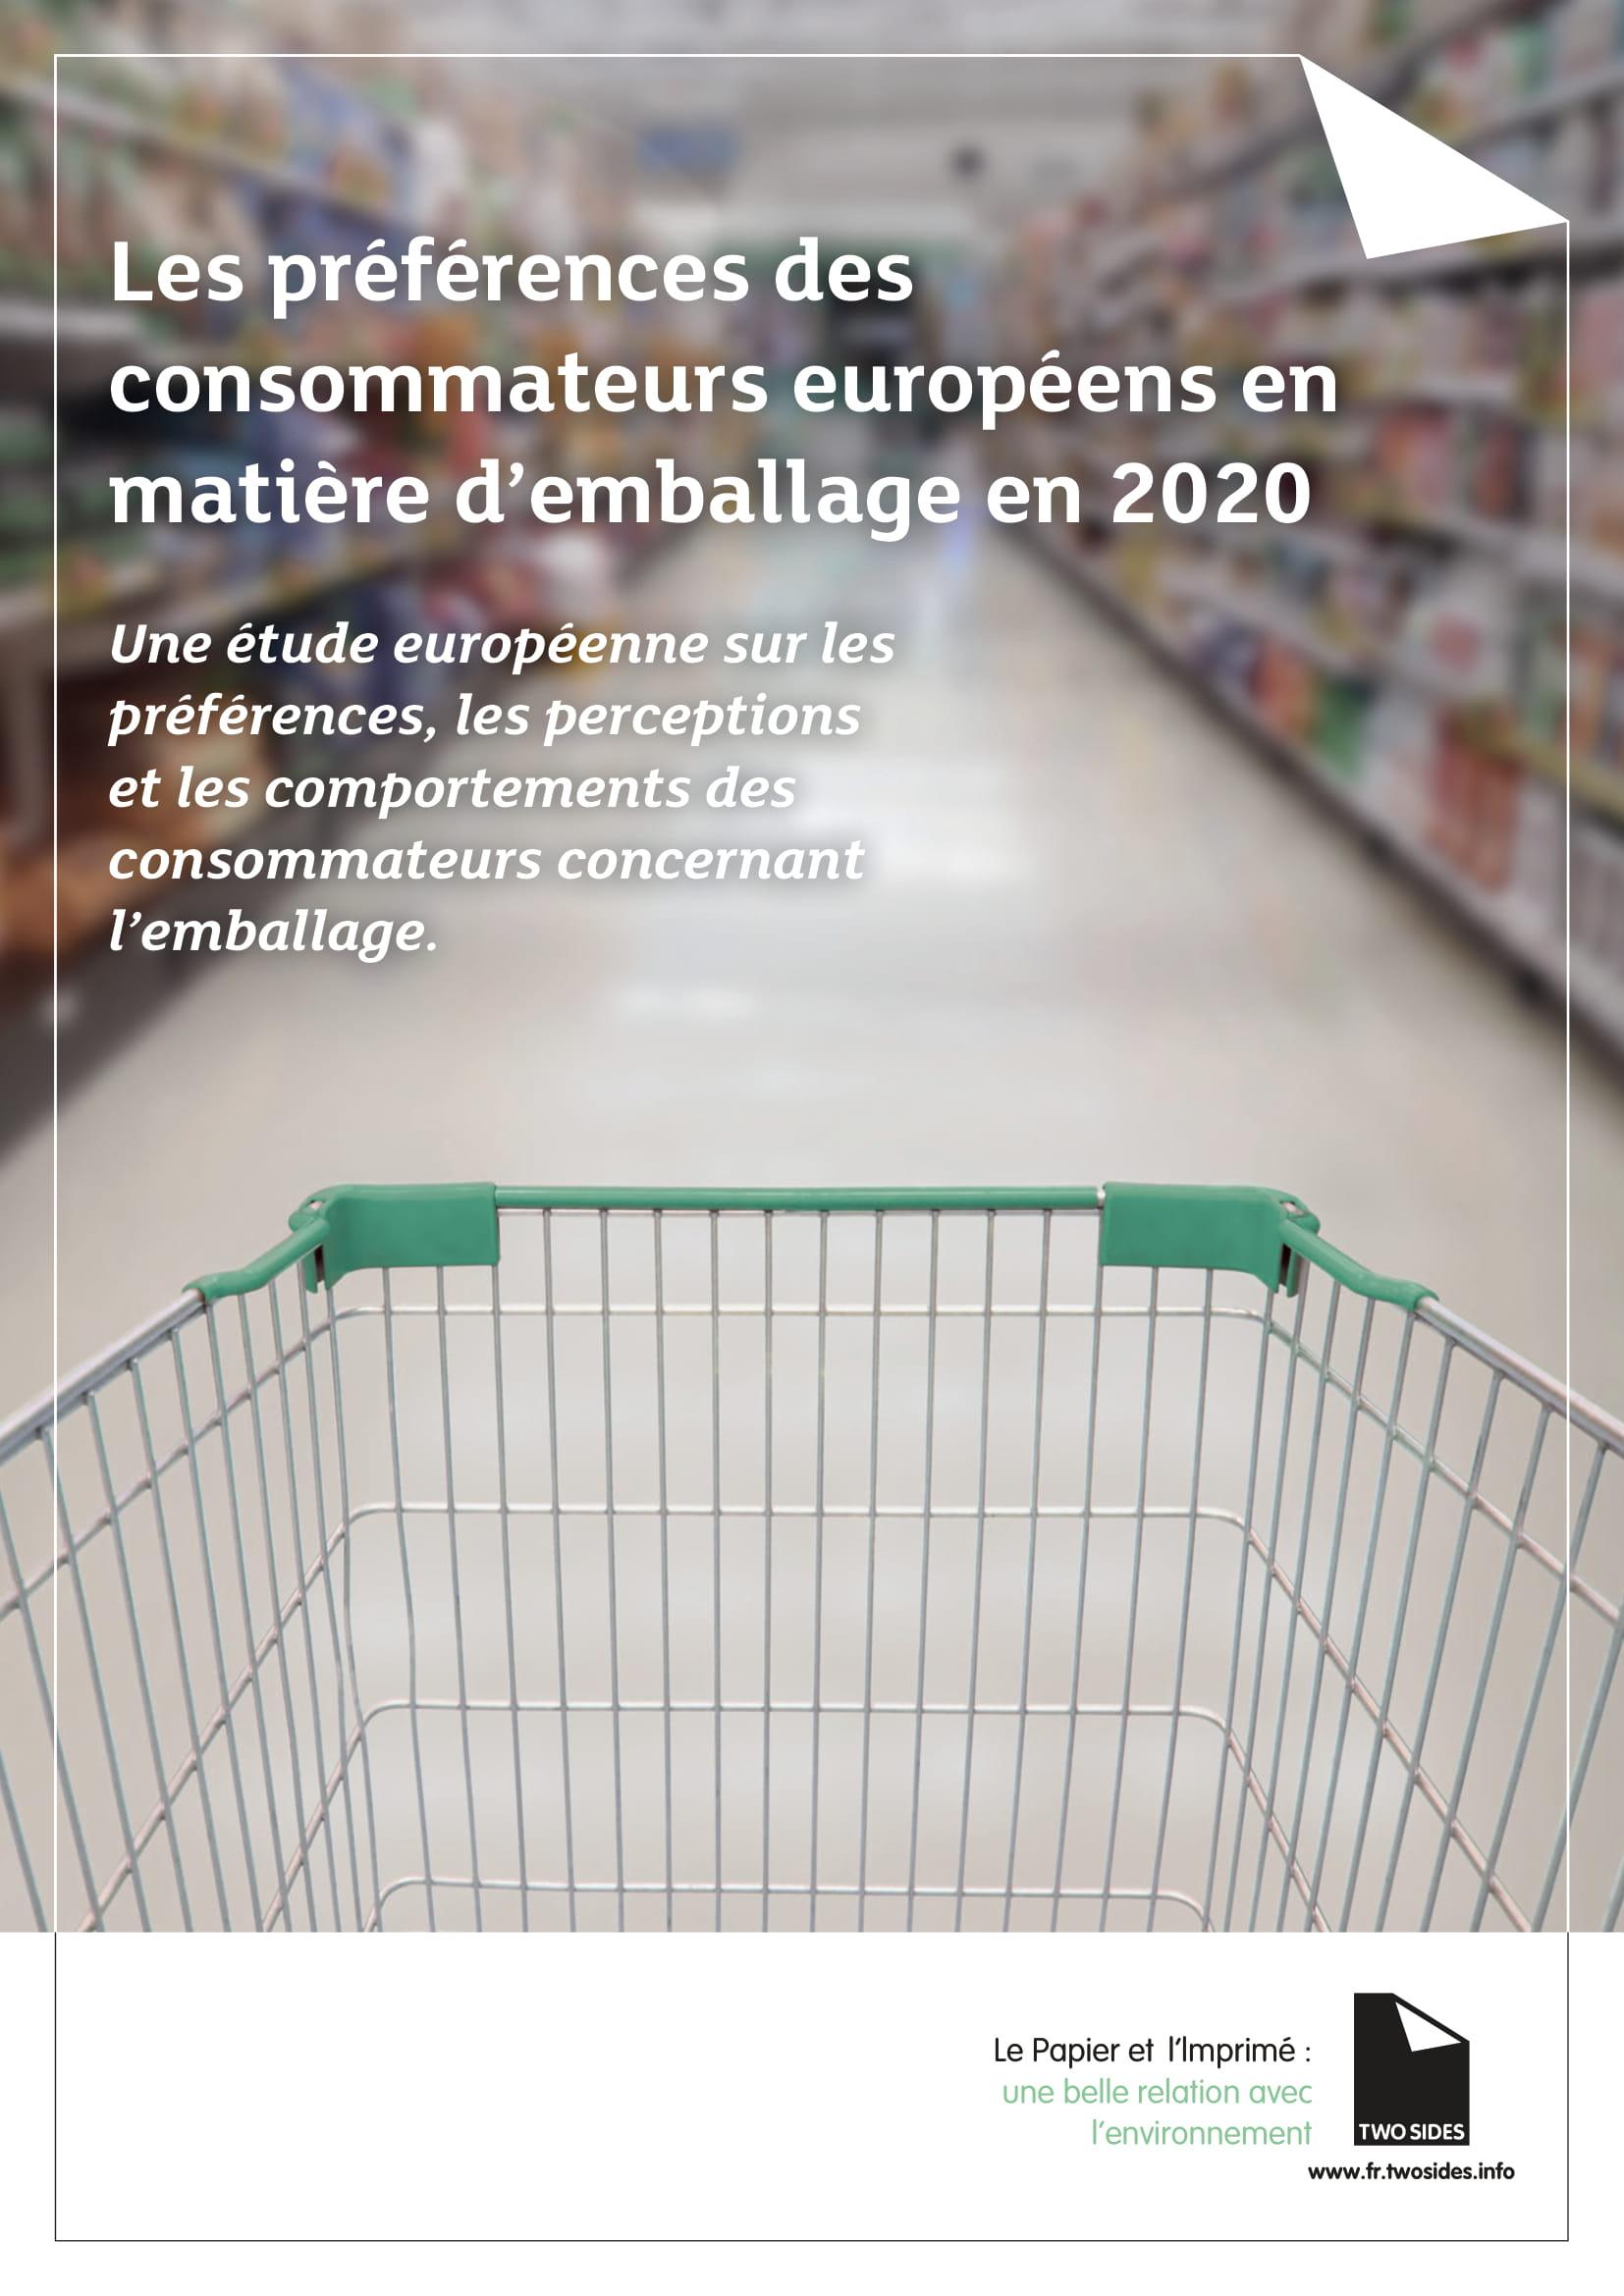 Les préférences des consommateurs européens en matière d'emballage en 2020